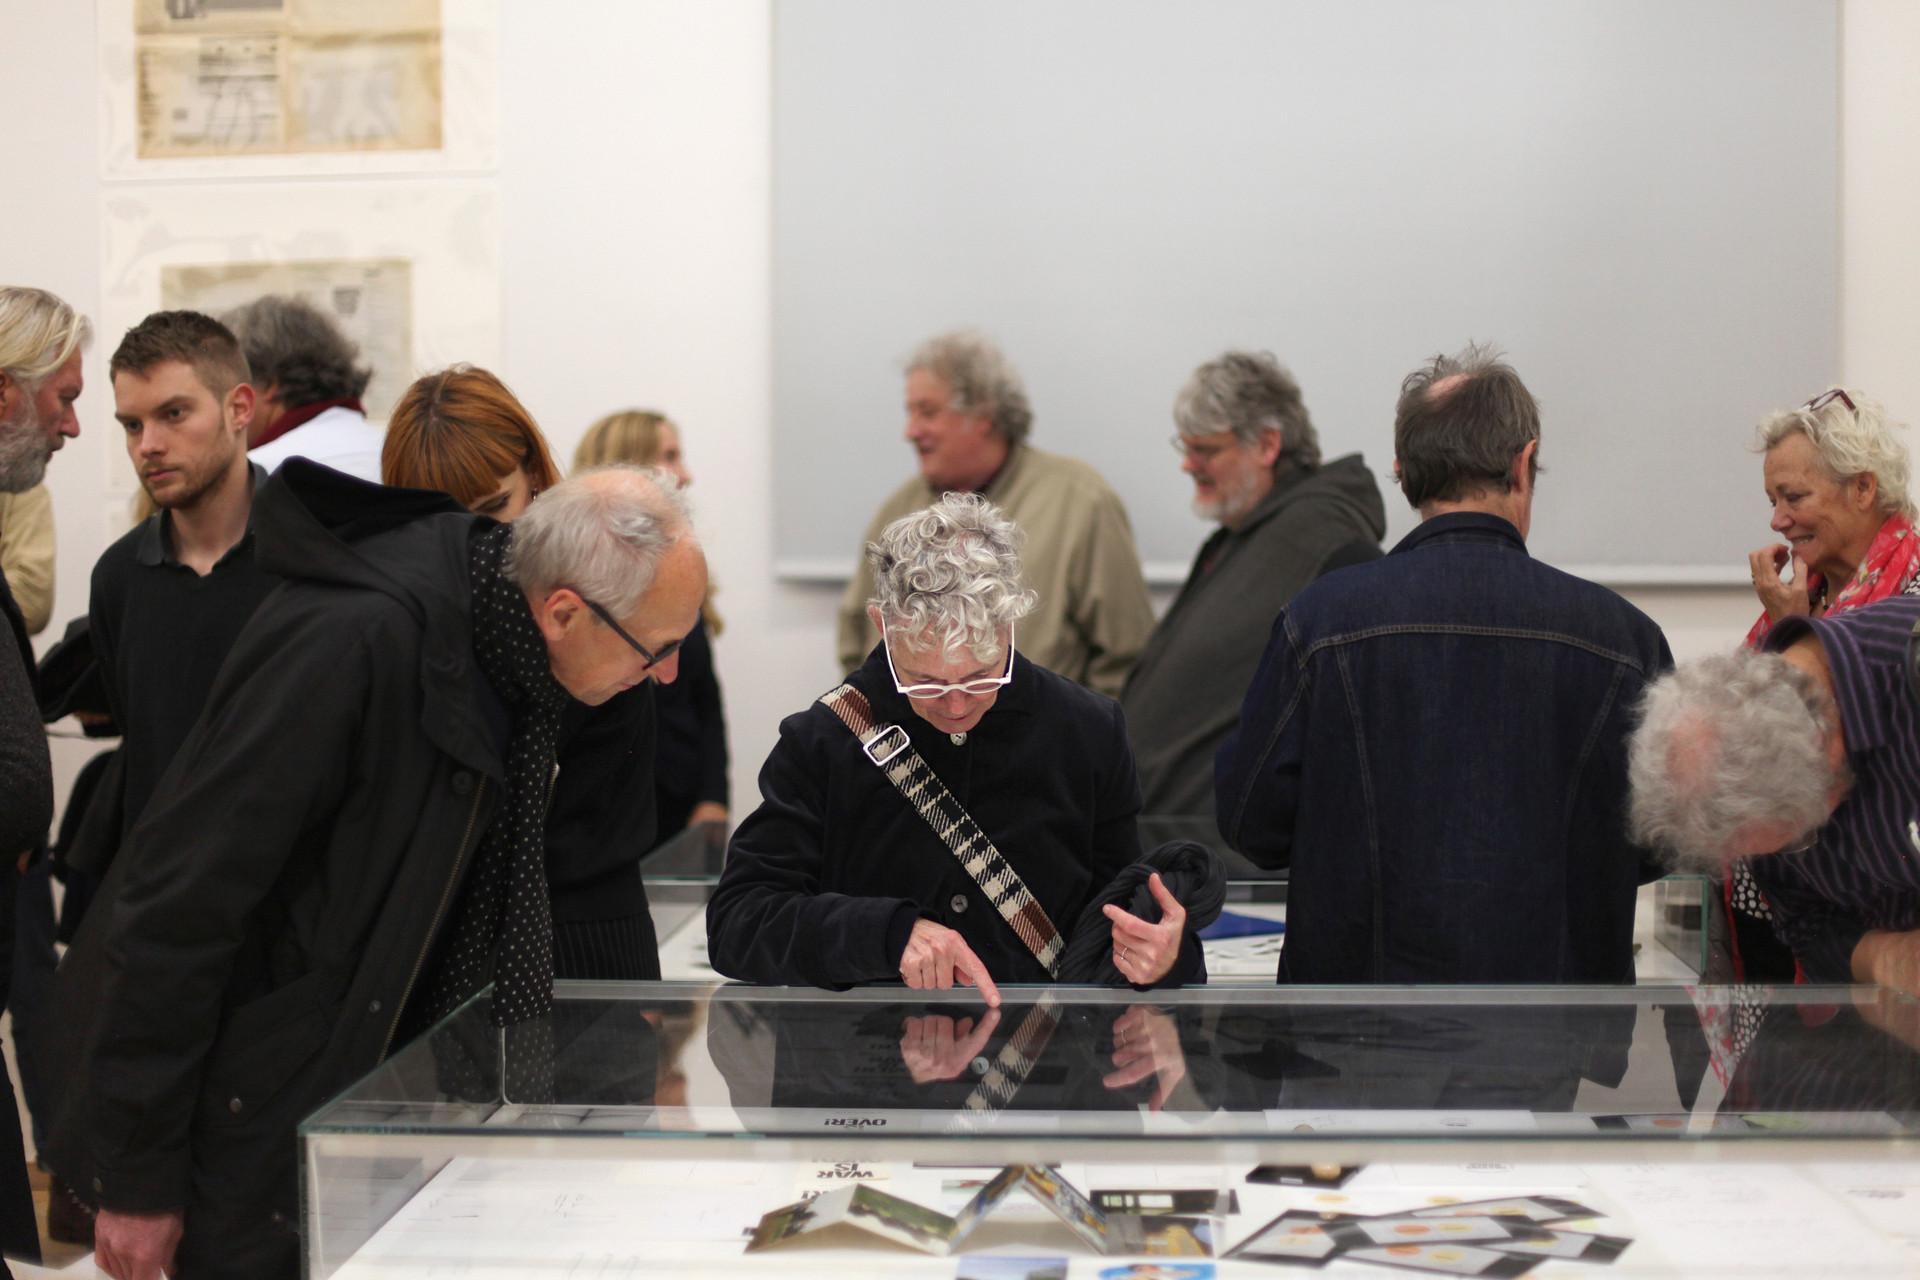 vilde livsdatter_exhibitions-8313.jpg